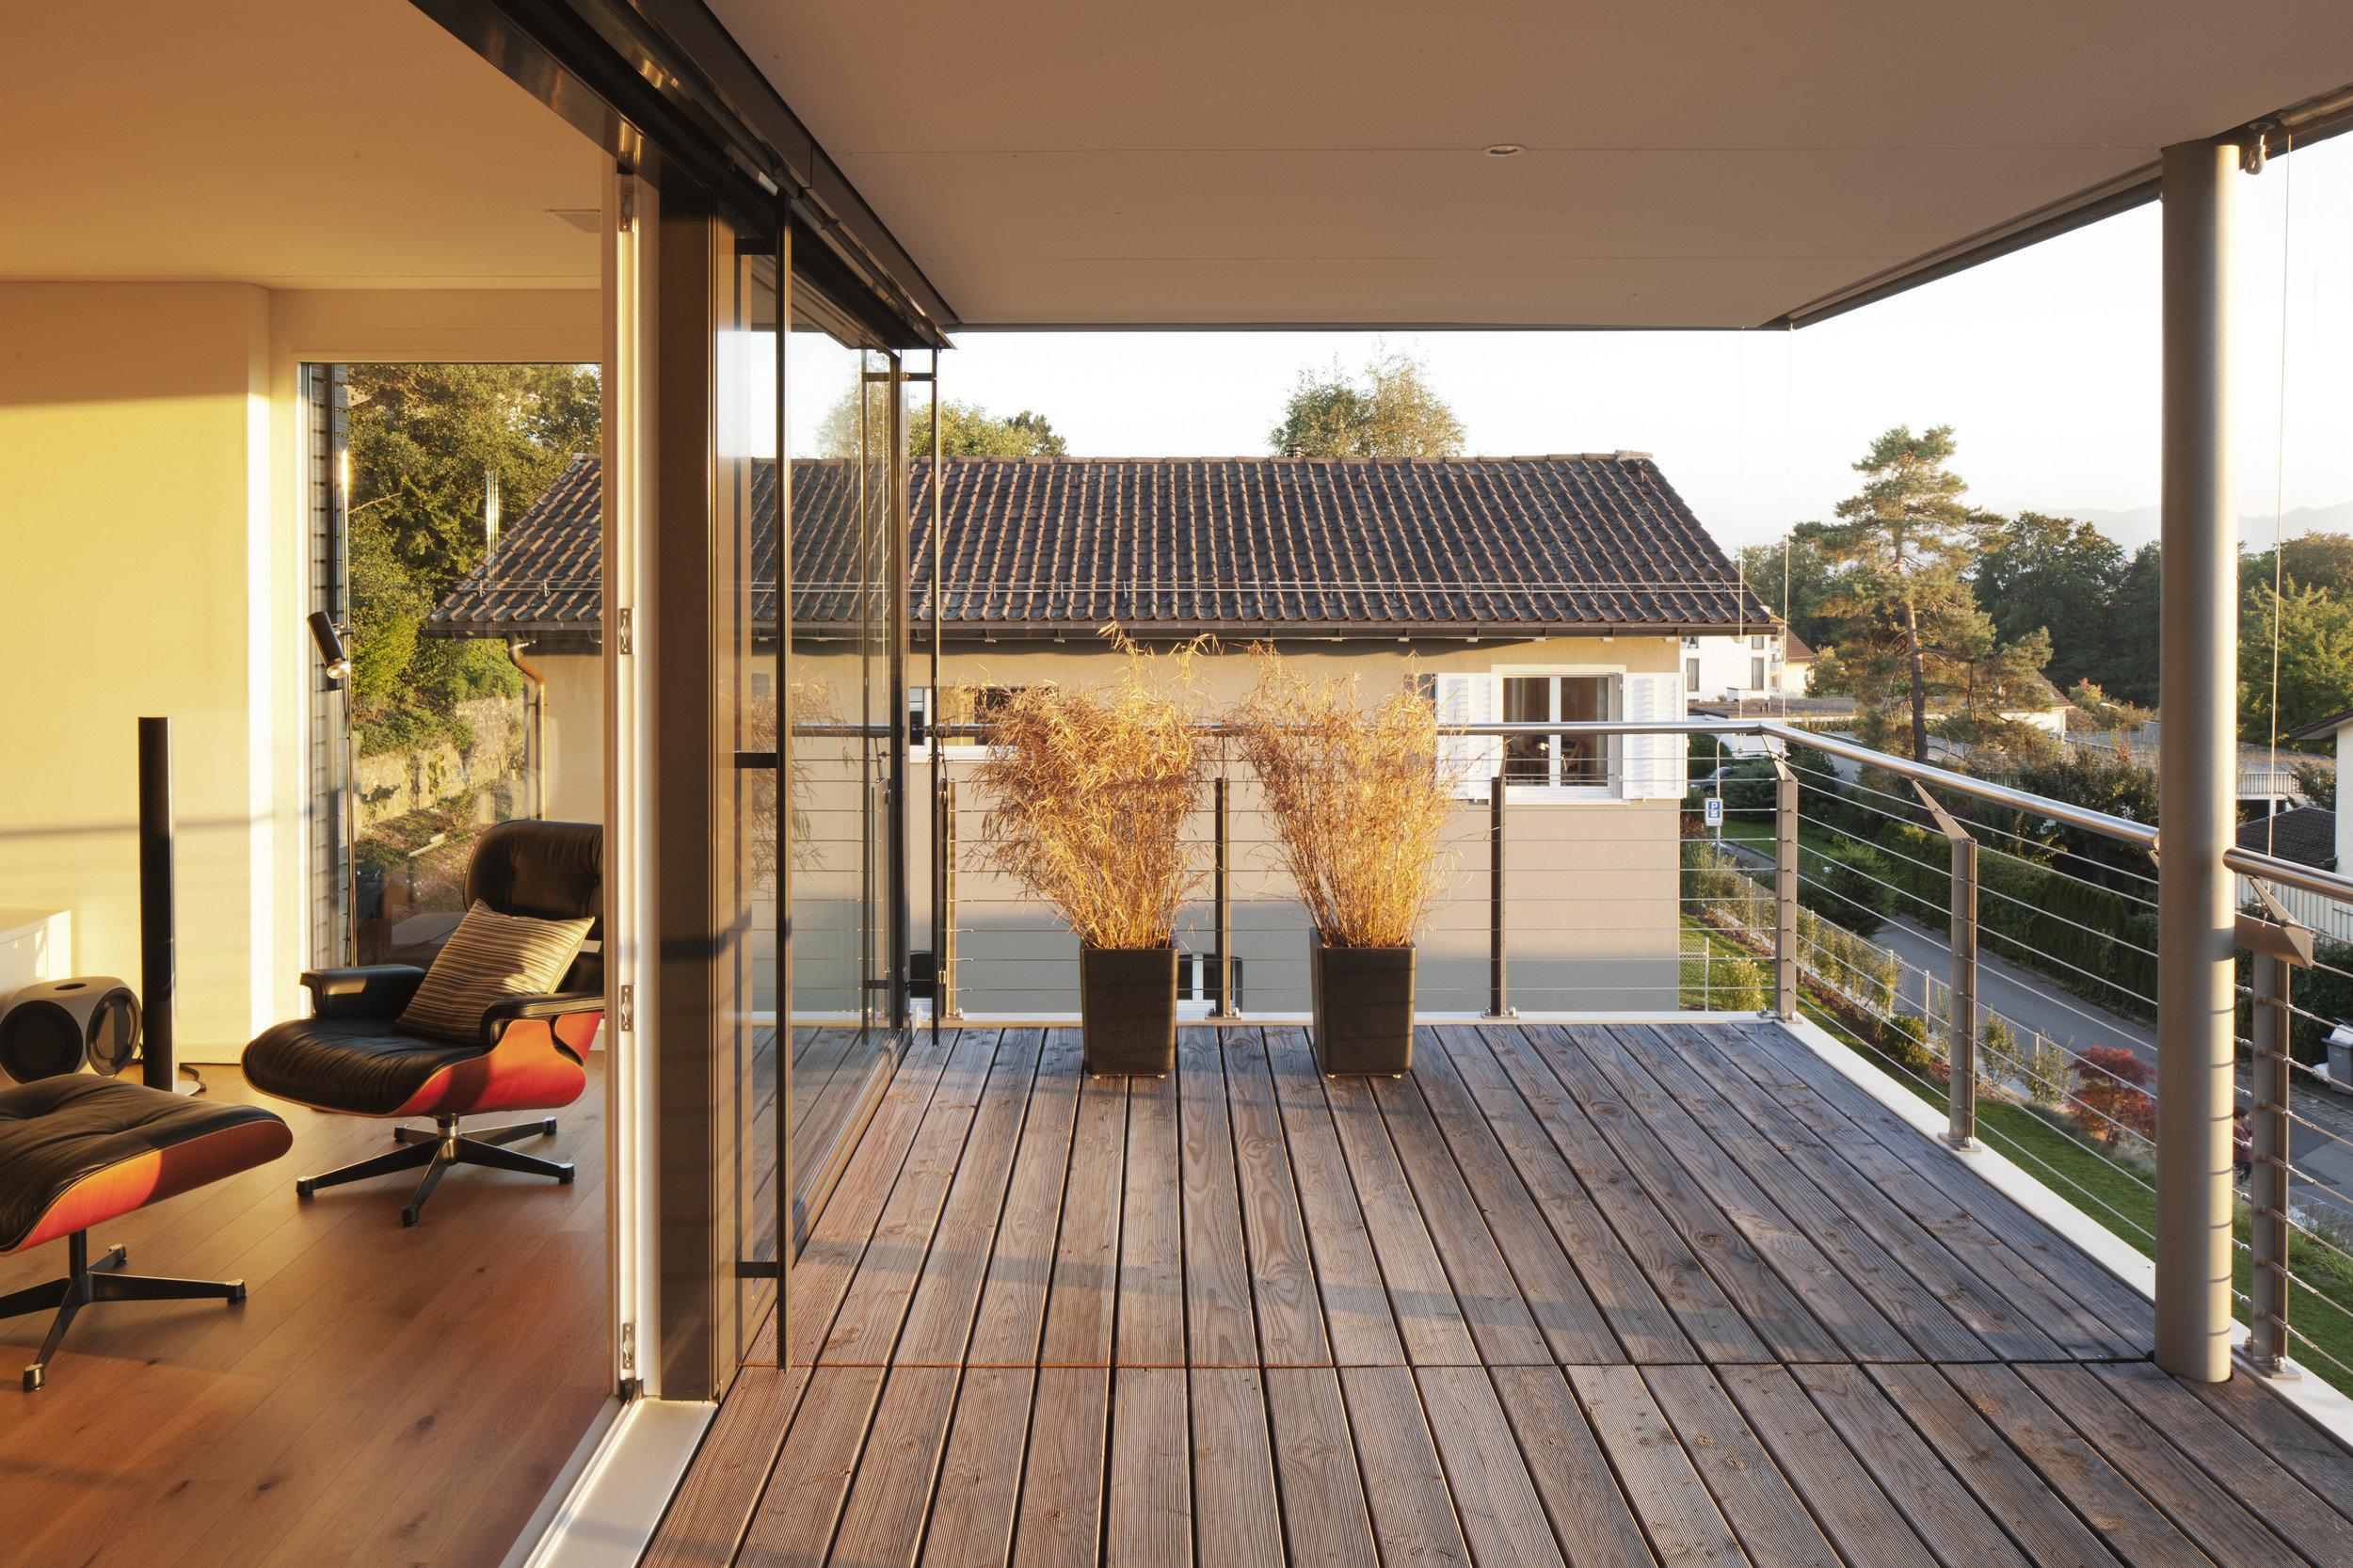 Balkon mit Holzboden und Hebe-Schiebetüren rechts